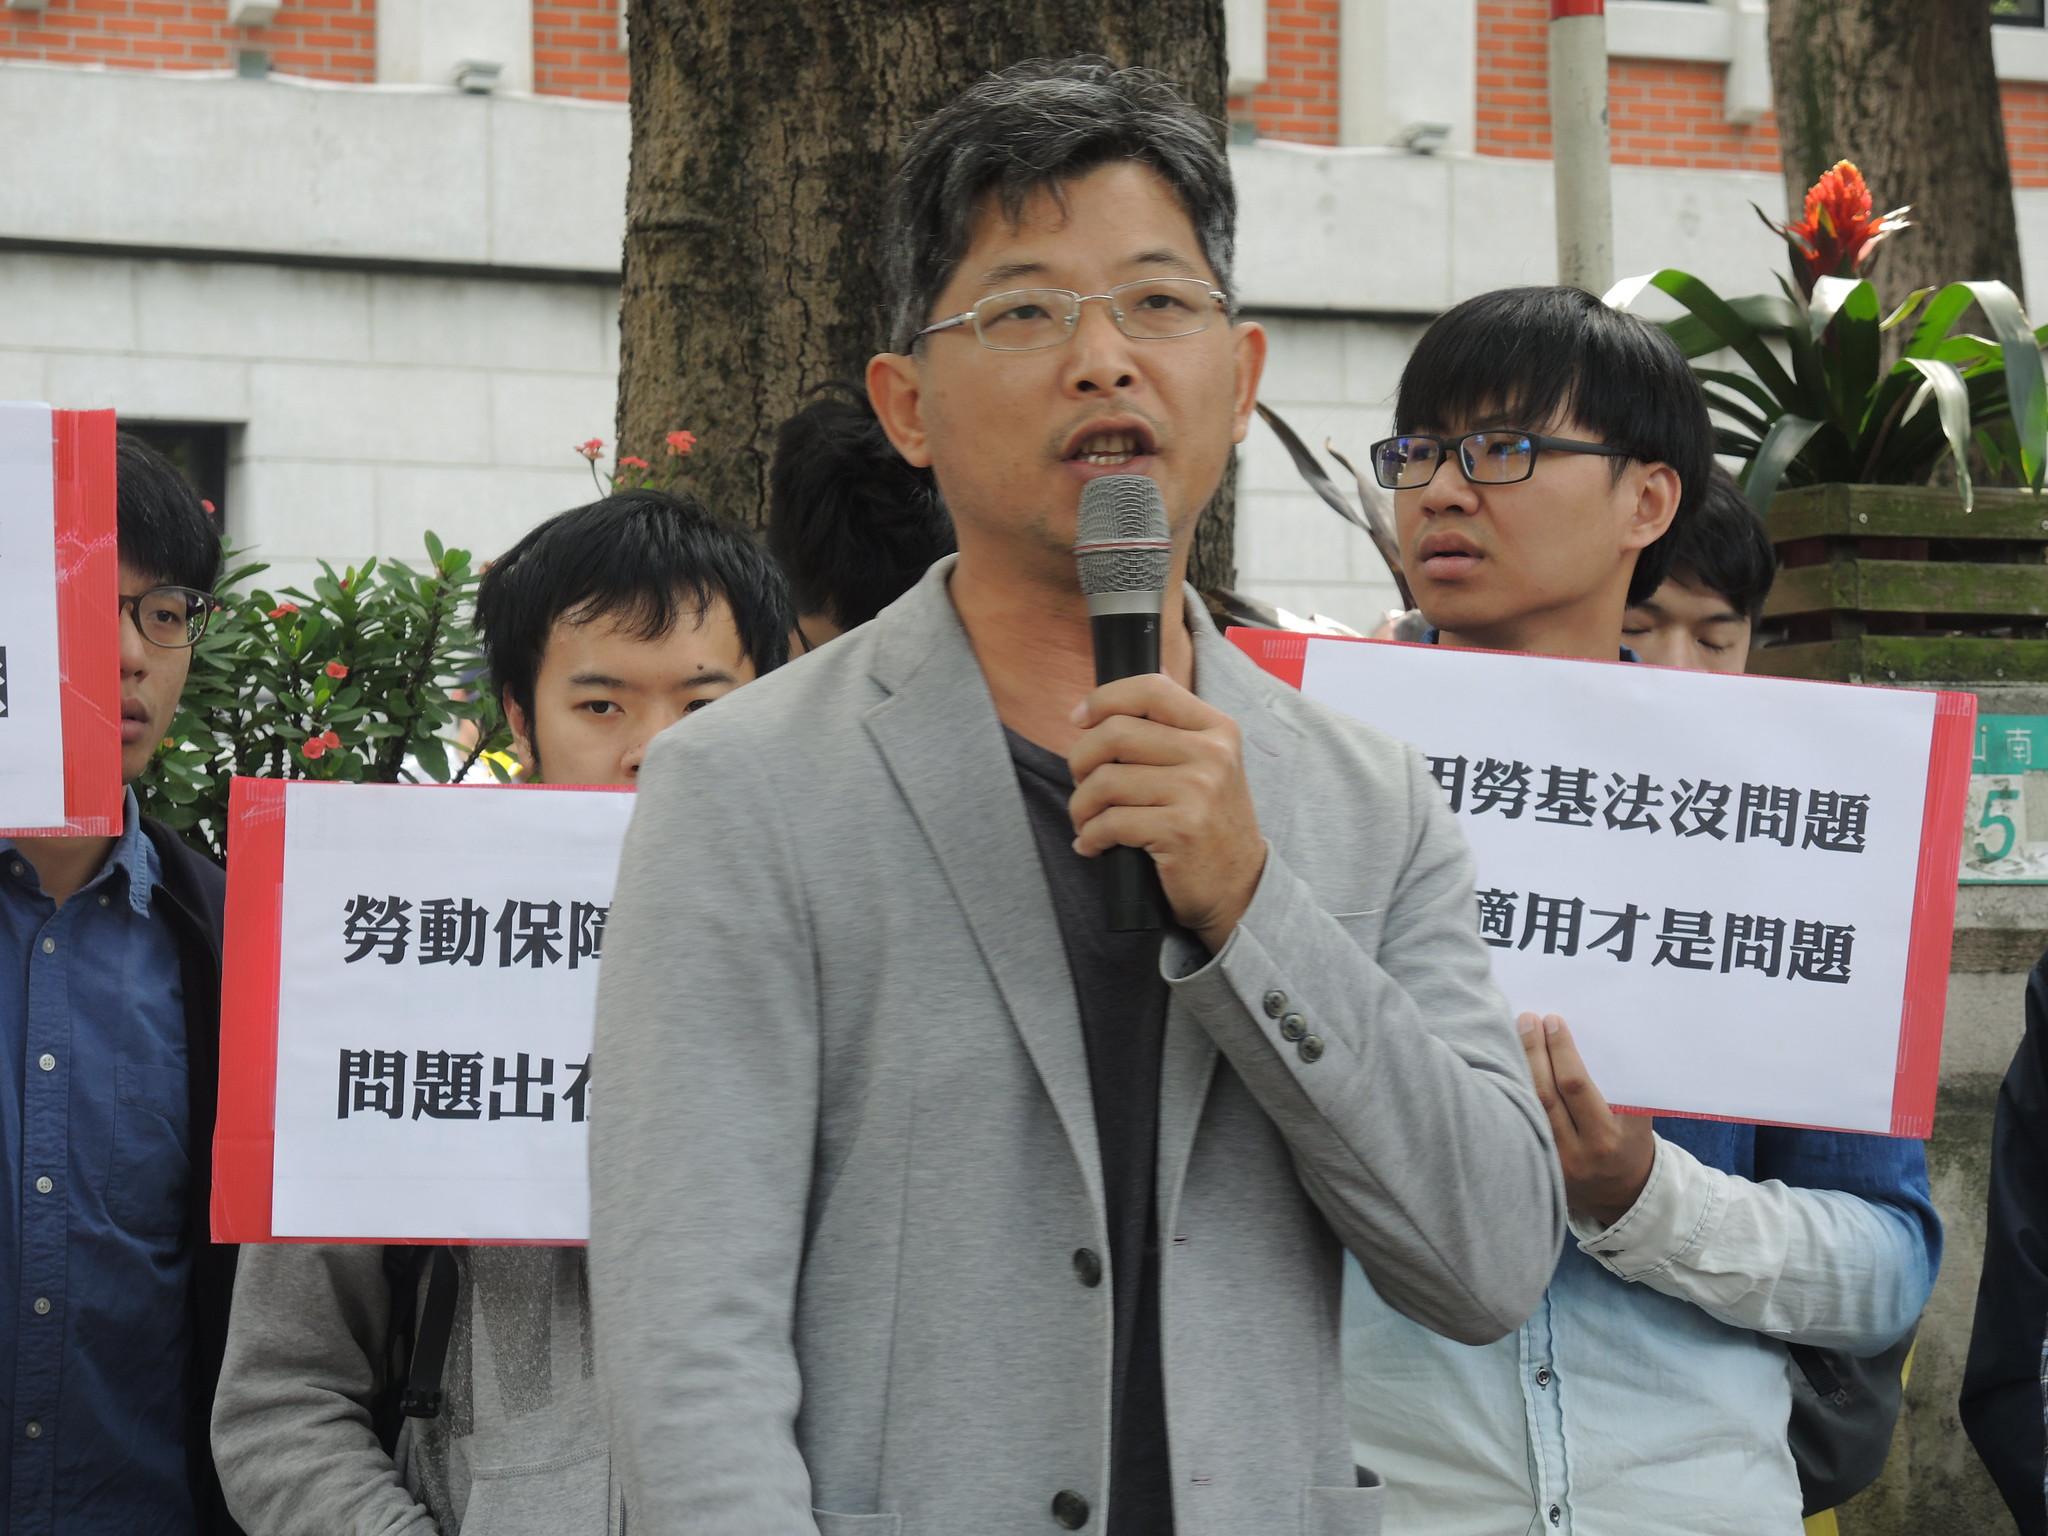 兼任教師徐文路指出,「兼任教師待遇跟狗一樣,教育部還在拚全球百大,這真是笑話」。(攝影:曾福全)